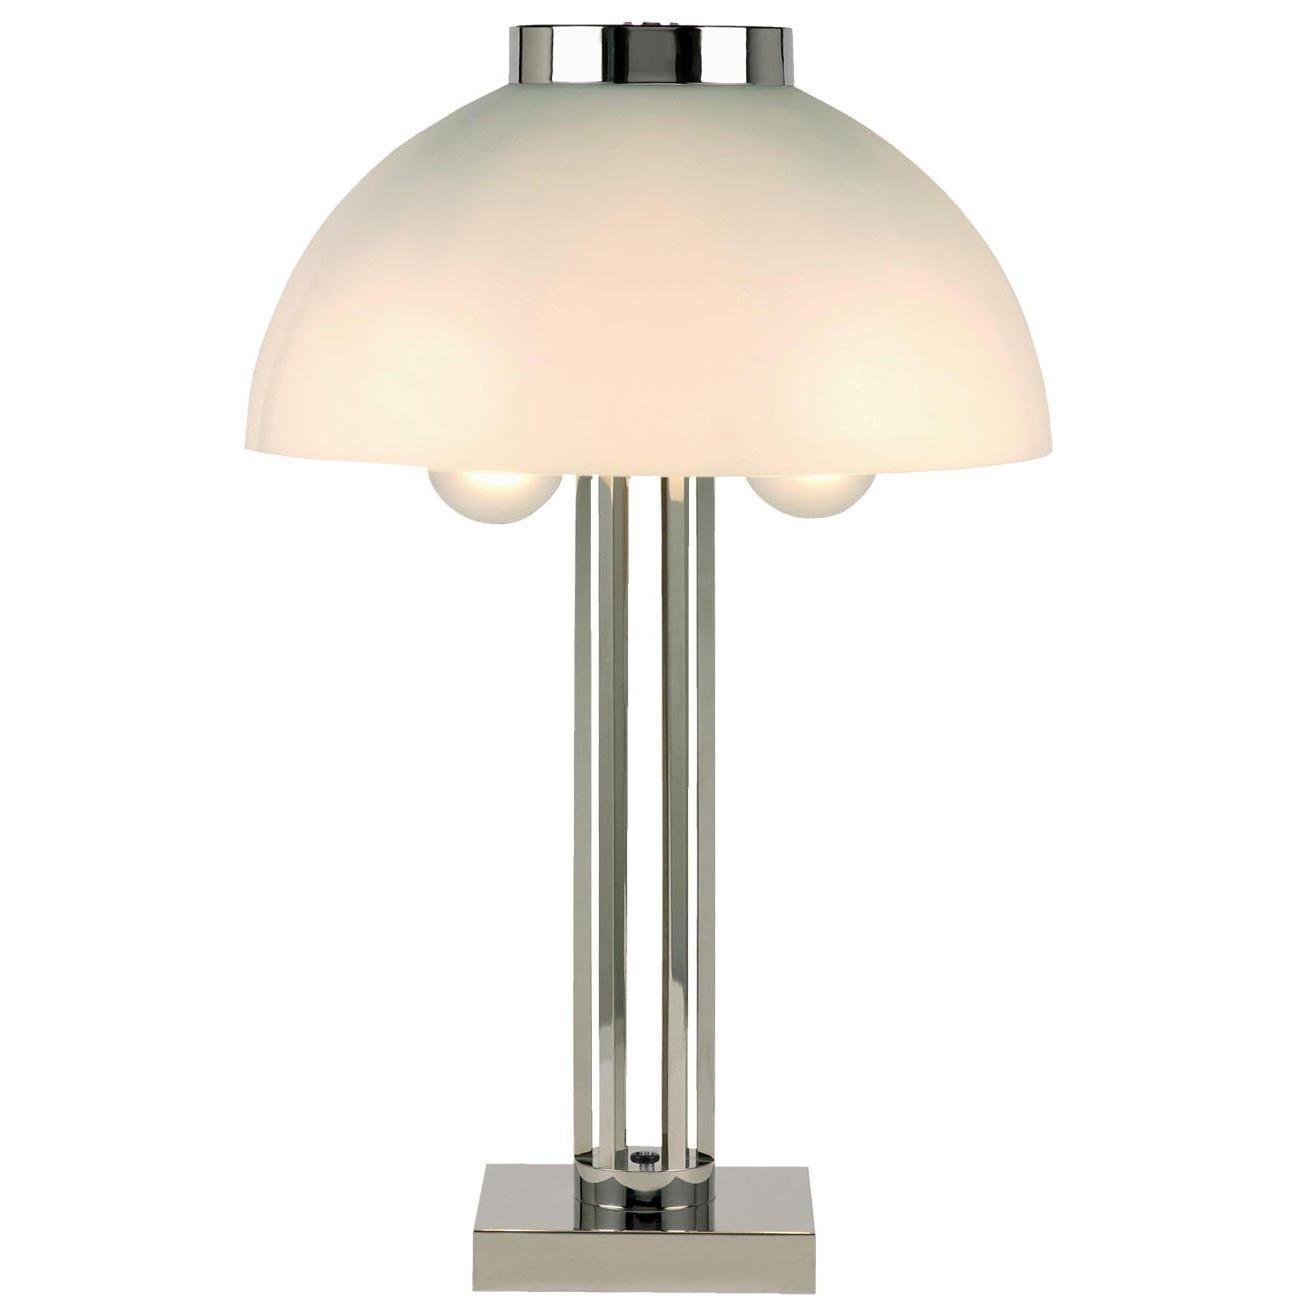 Josef Hoffmann for the Wiener Werkstaette Jugendstil Table Lamp, Re-Edition